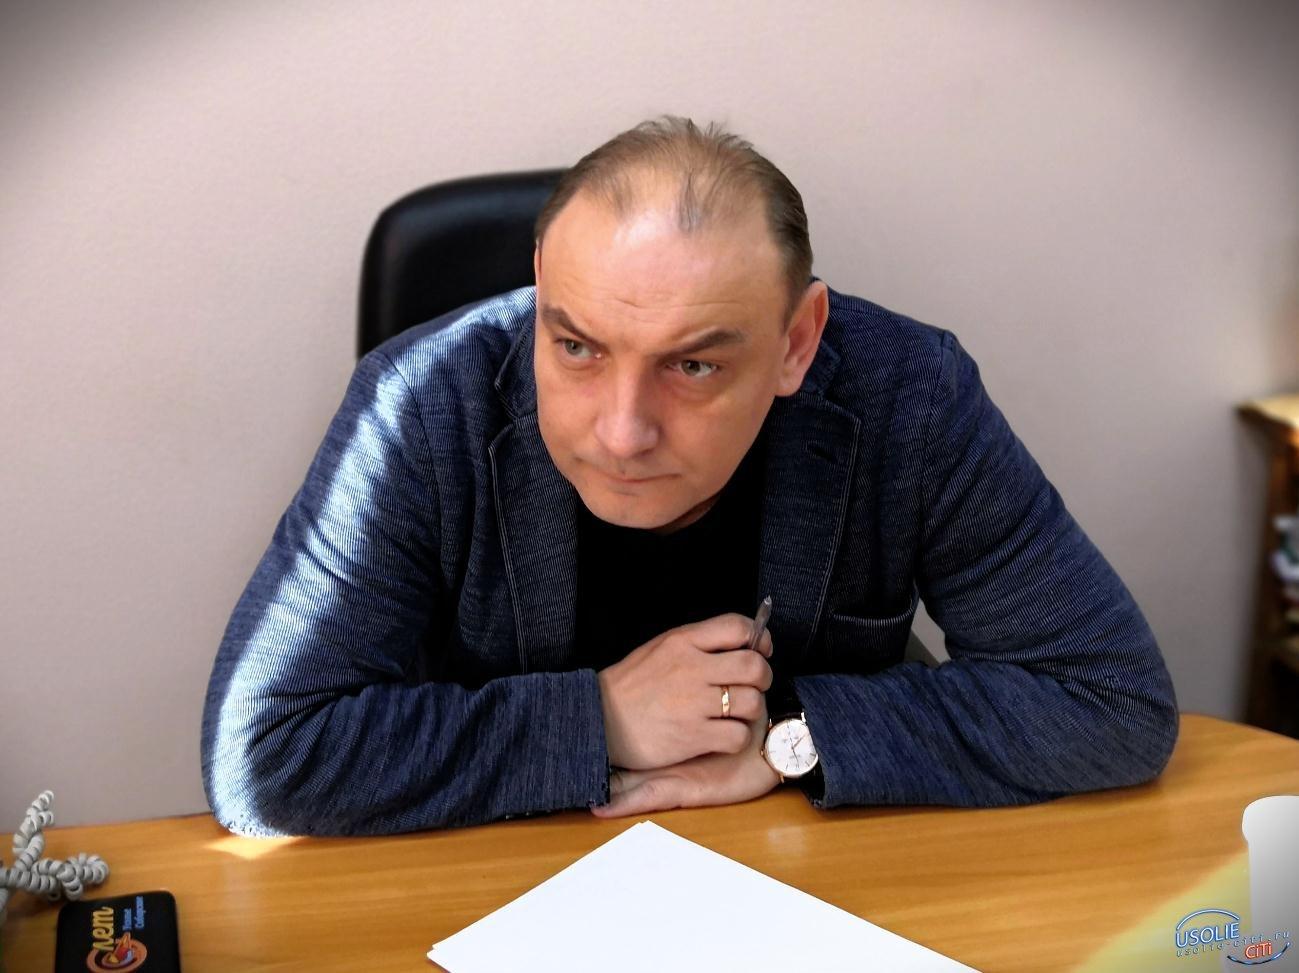 Прощай, мэр Усолья. Здравствуй, Дарья Клюшникова?